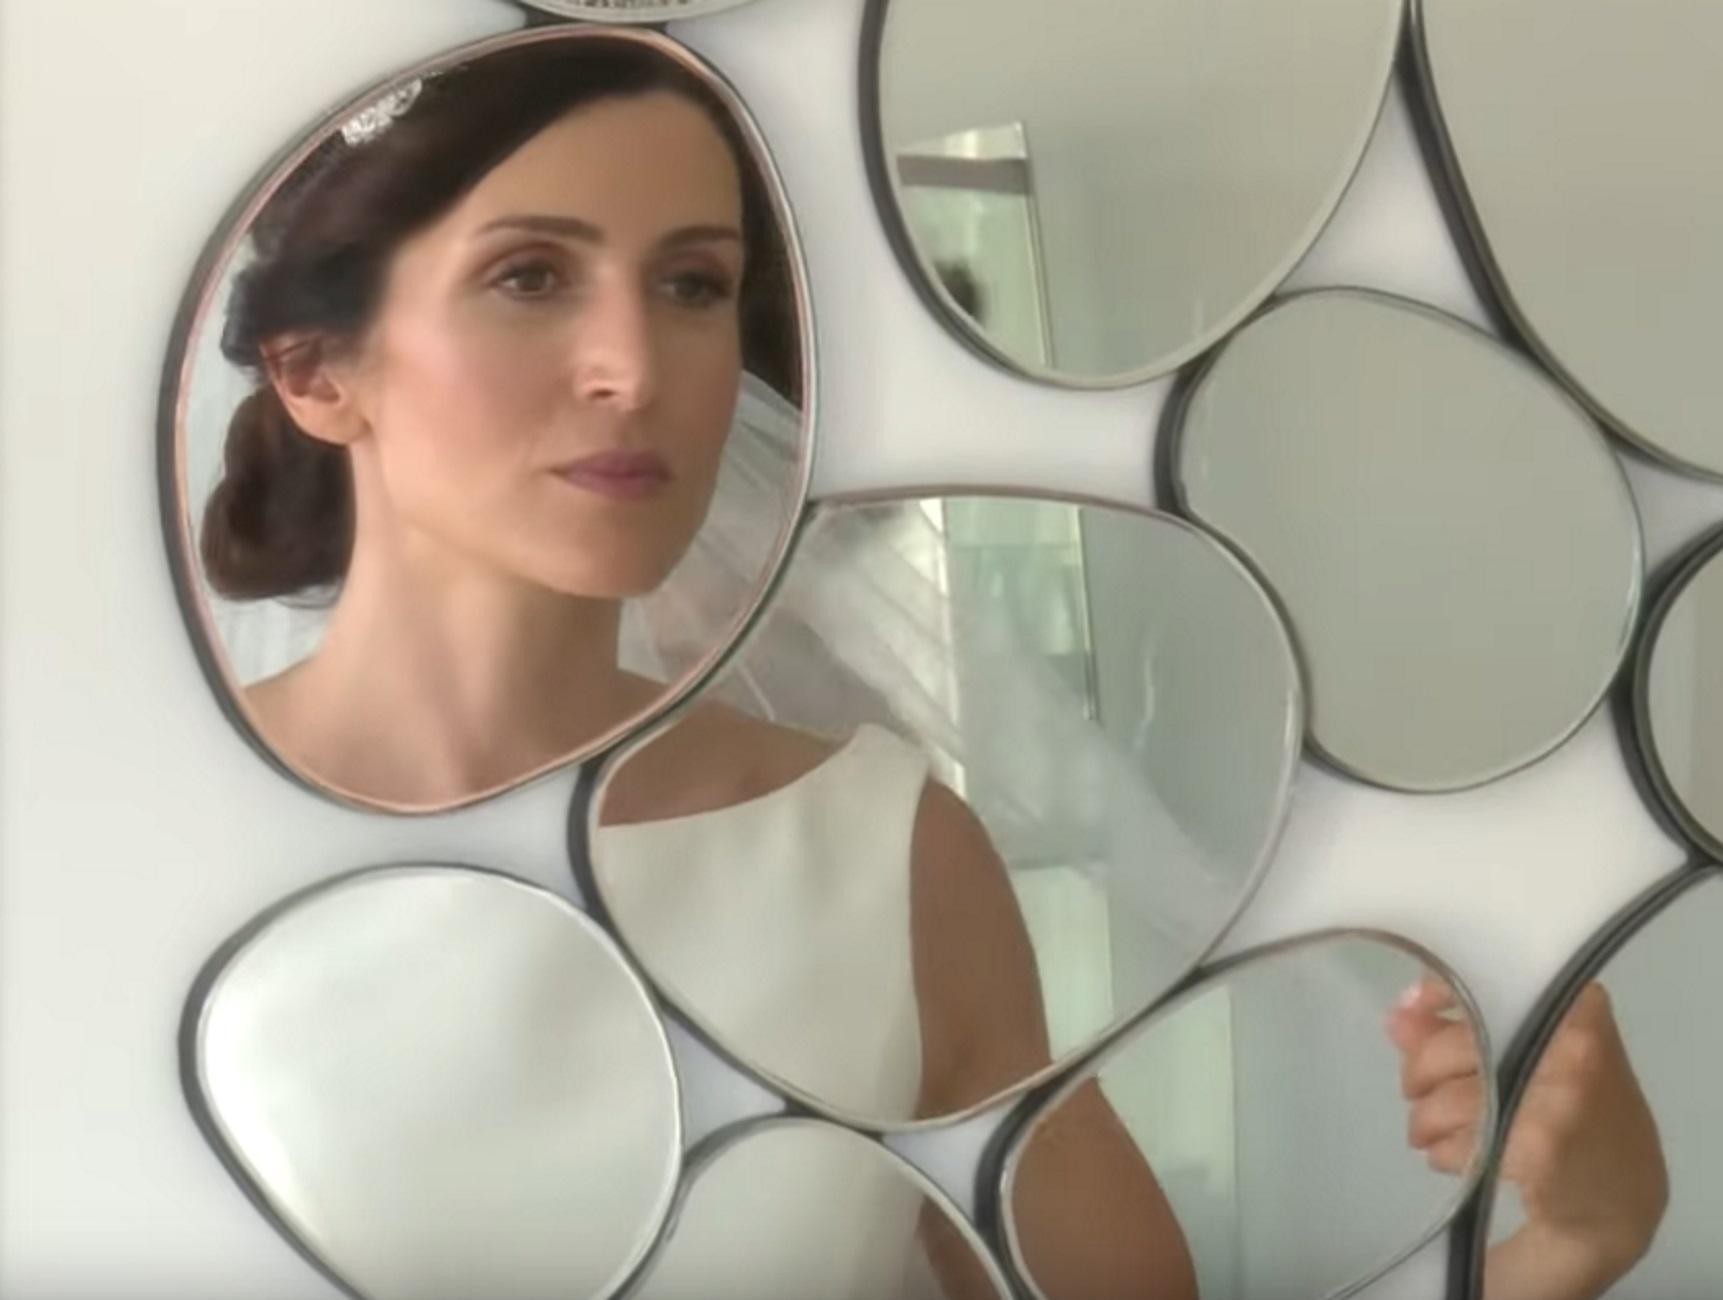 Καστοριά: Η νύφη ήταν κούκλα και ατρόμητη! Λίγοι ήξεραν τις προθέσεις της μετά την πρώτη νύχτα γάμου [video]